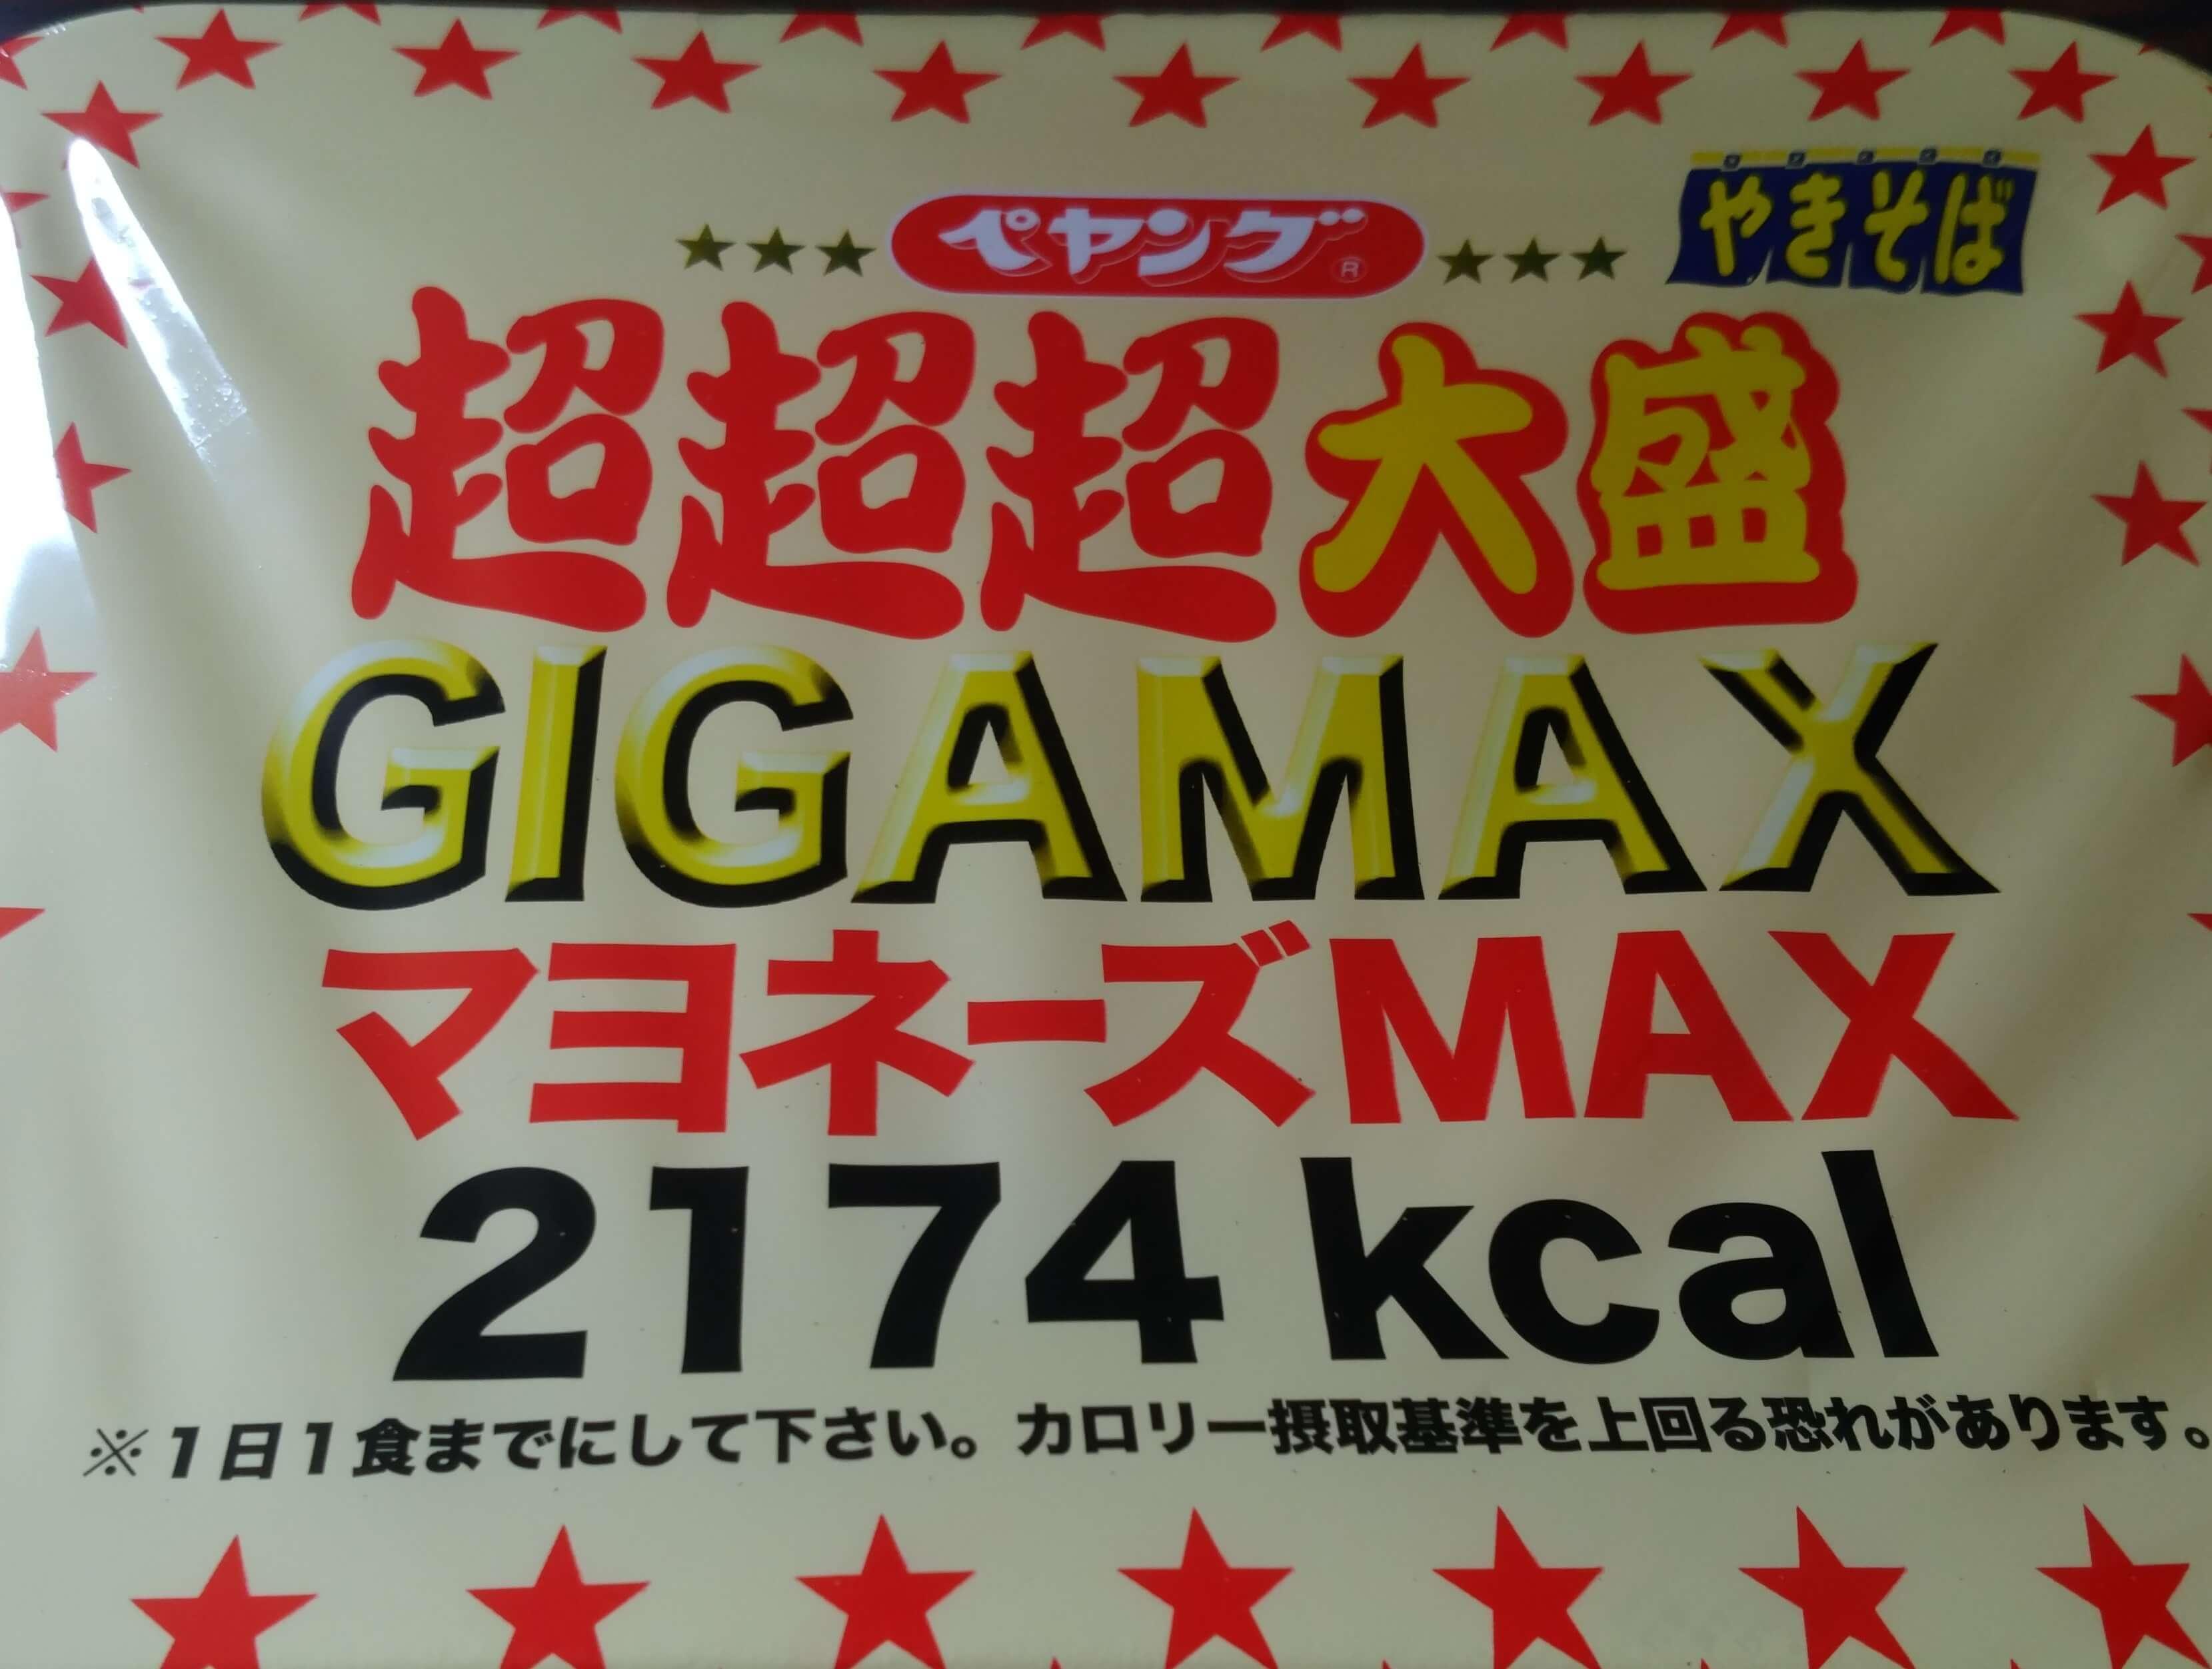 ペヤング超超超GIGAMAXマヨネーズMAX外装